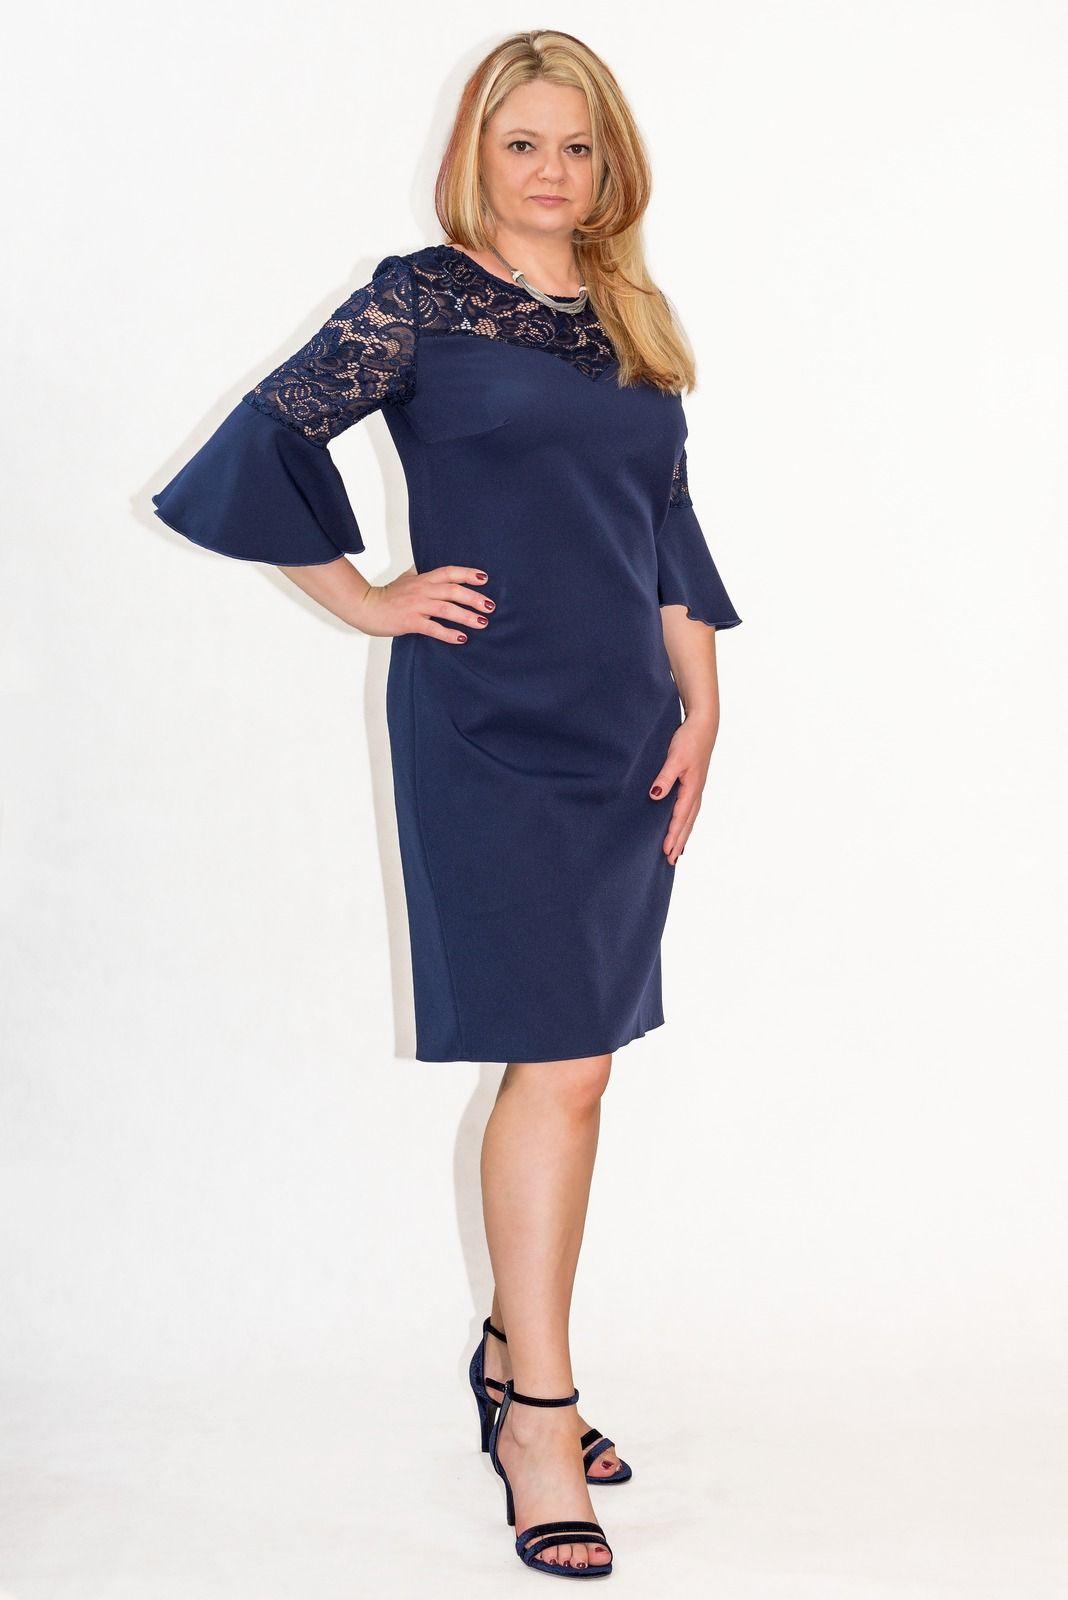 bc84a8a2b53e3e Elegancka sukienka XXL 40-60 na wesele PAOLA duże rozmiary - XELKA odzież  damska online, sklep internetowy I Odzież damska plus size, XXL, duże  rozmiary, ...